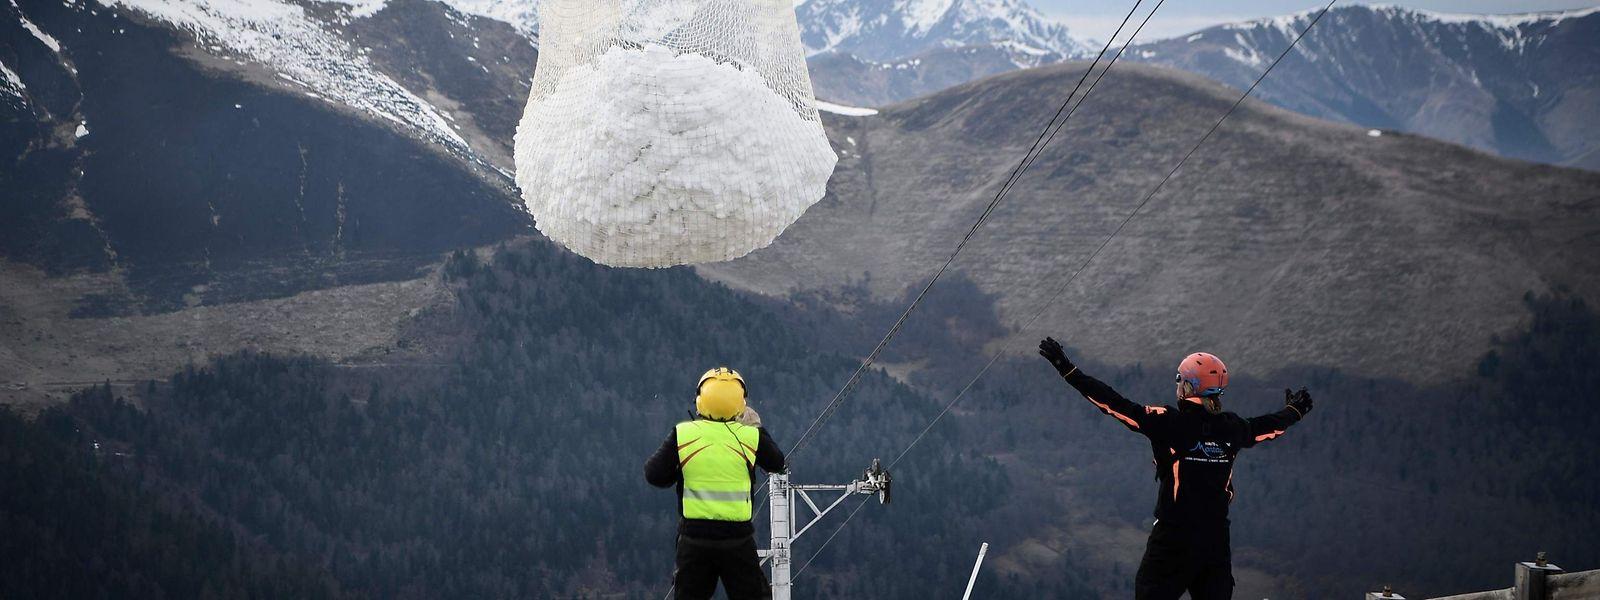 En 2h30, plus de 50 tonnes de neige ont été déplacées des sommets.